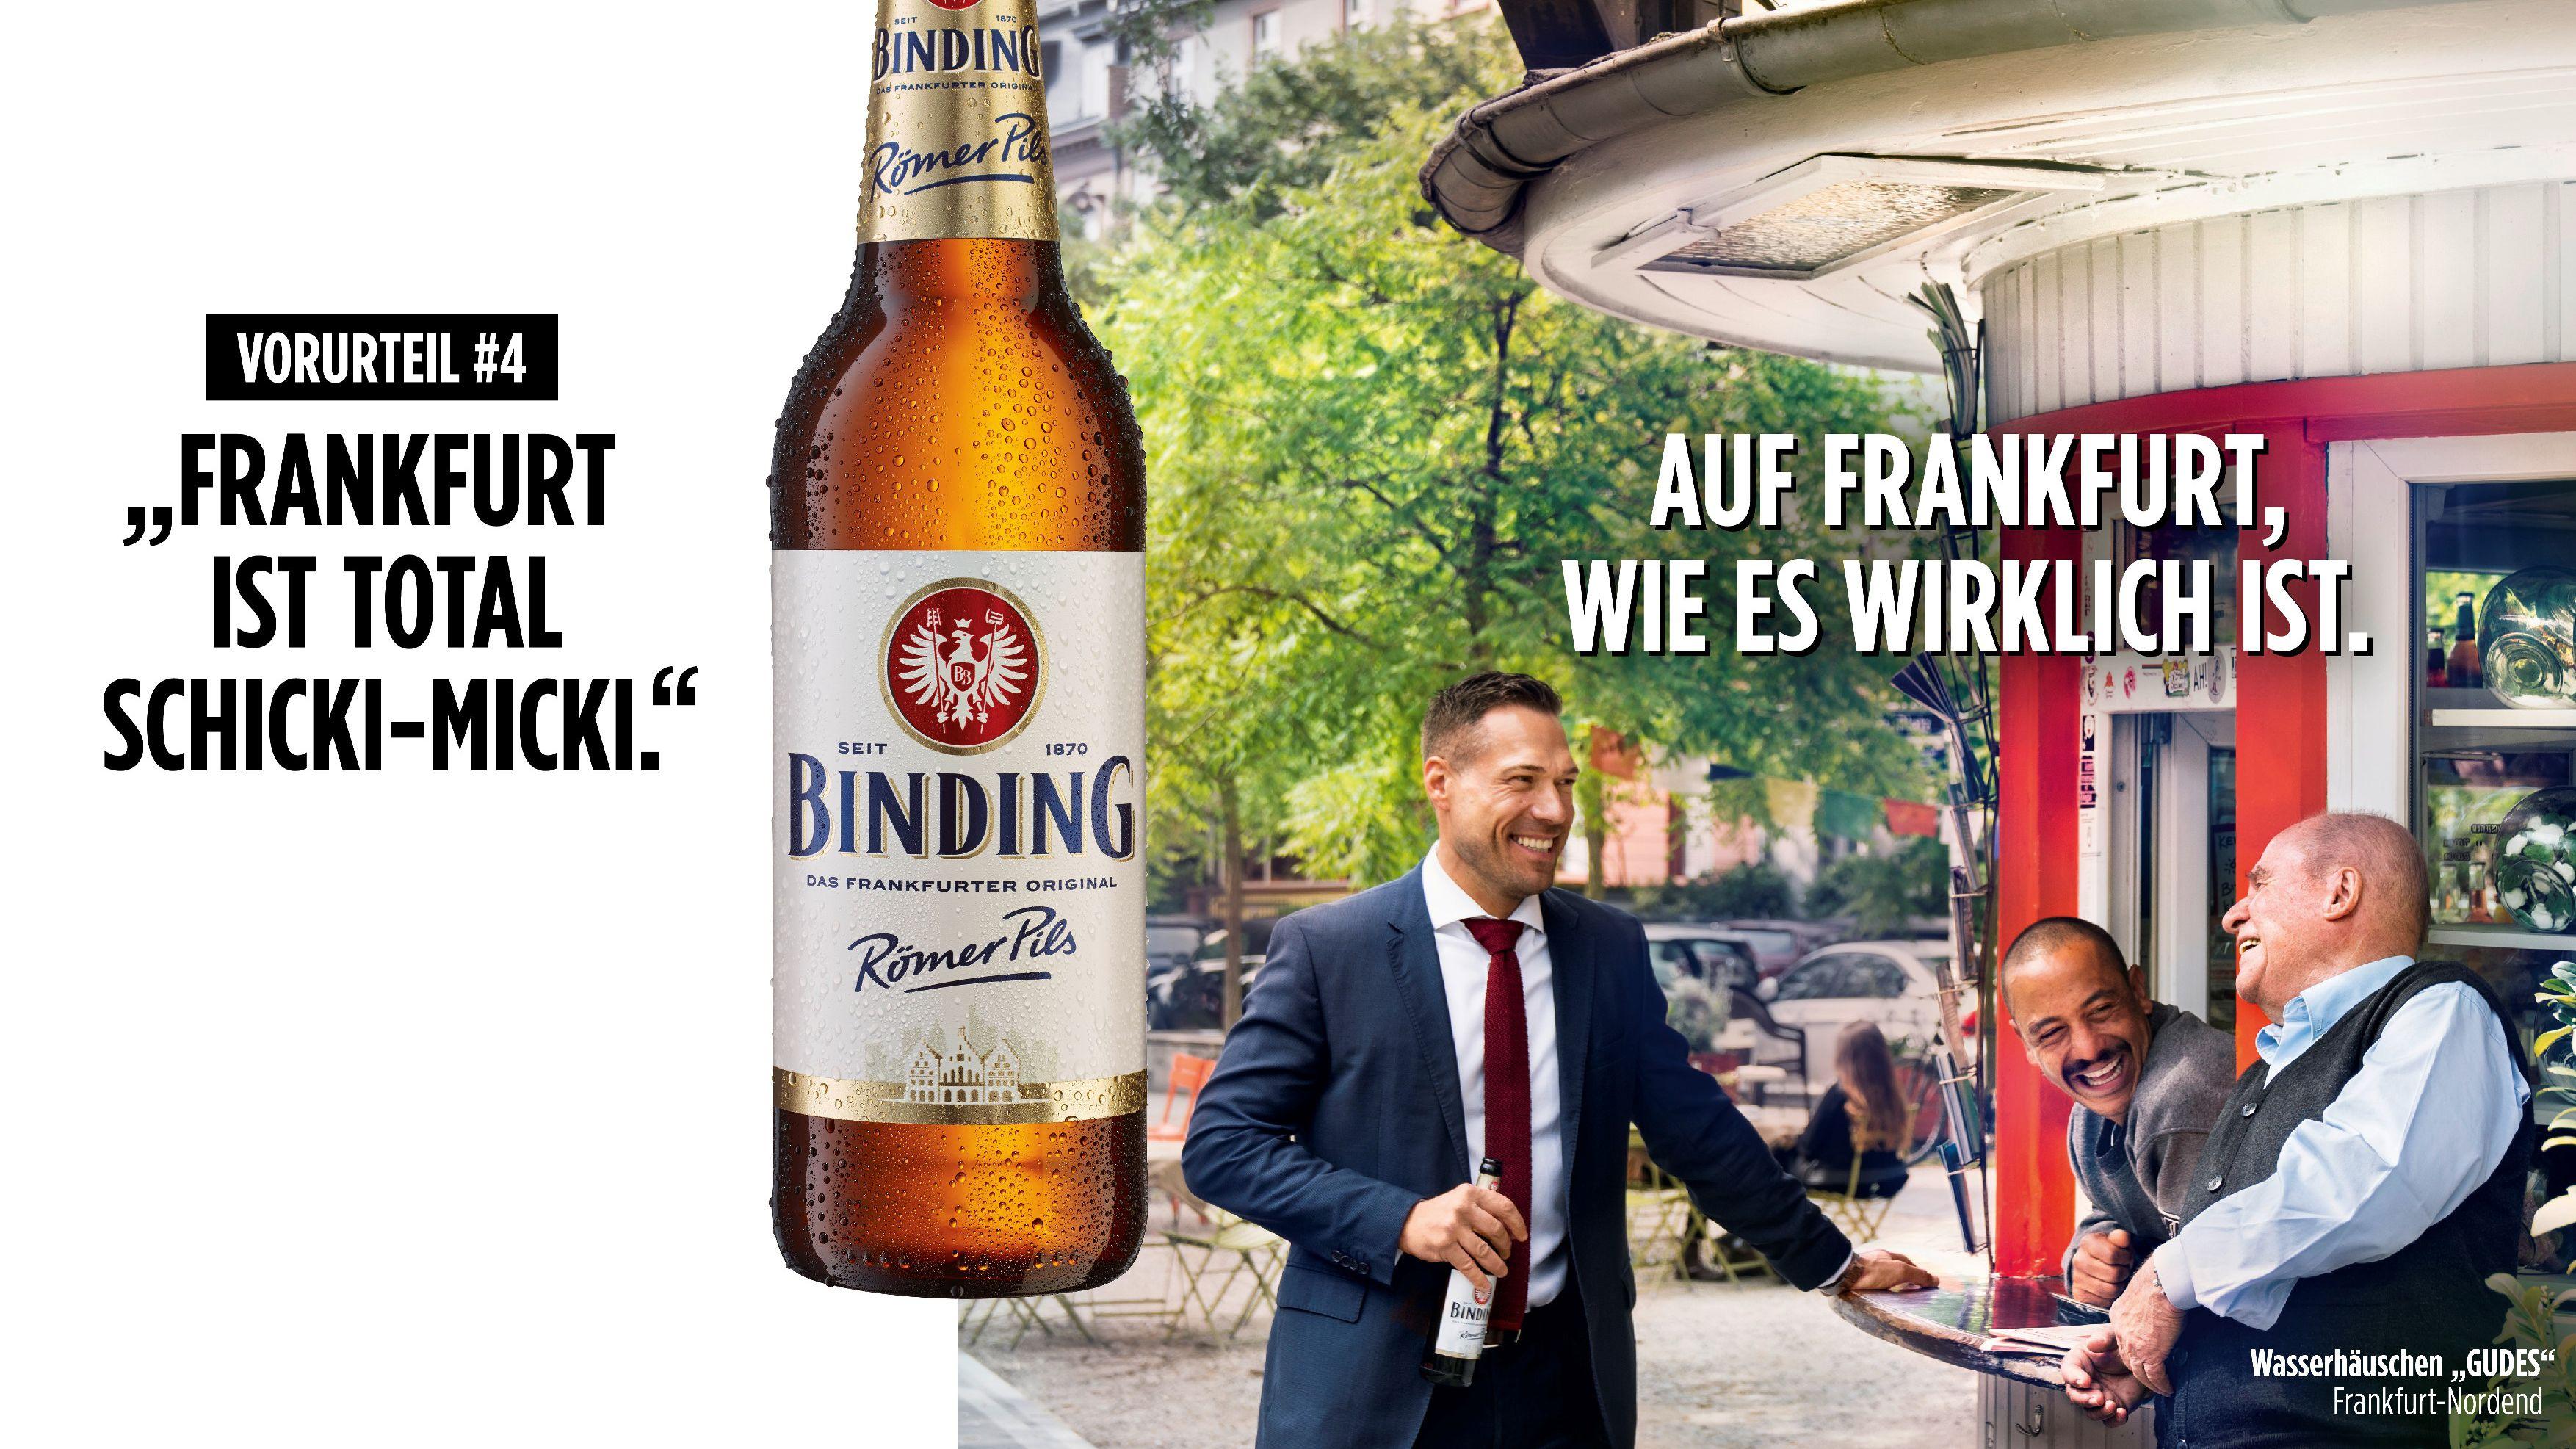 Von wegen schickimicki: So stoßen Ogilvy und Binding auf Frankfurt an